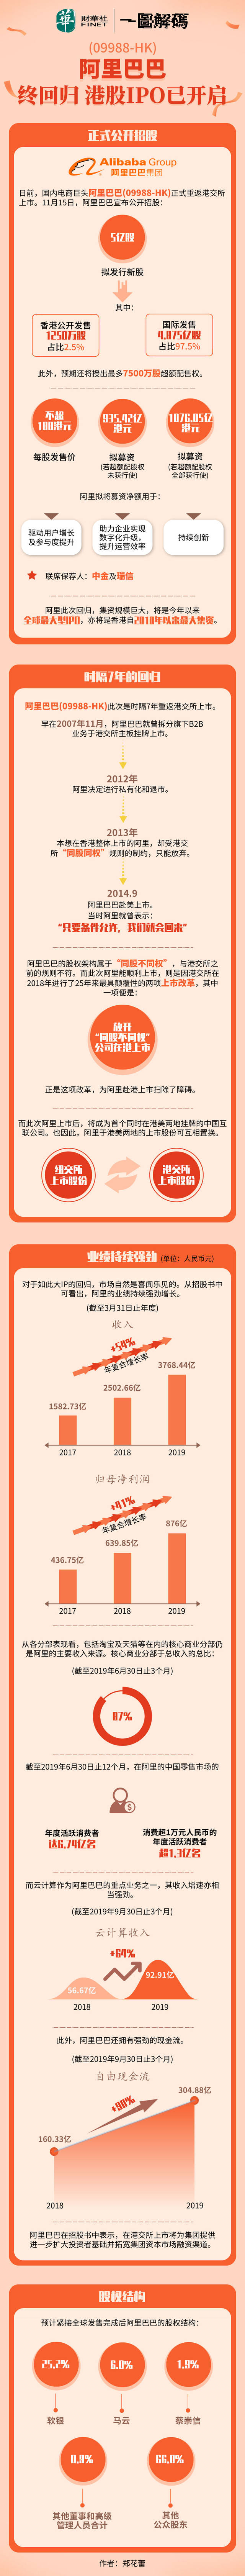 """4d娱乐官方网站_朱婷成中国体育新名片 """"排球外交""""促进中土文化交流"""